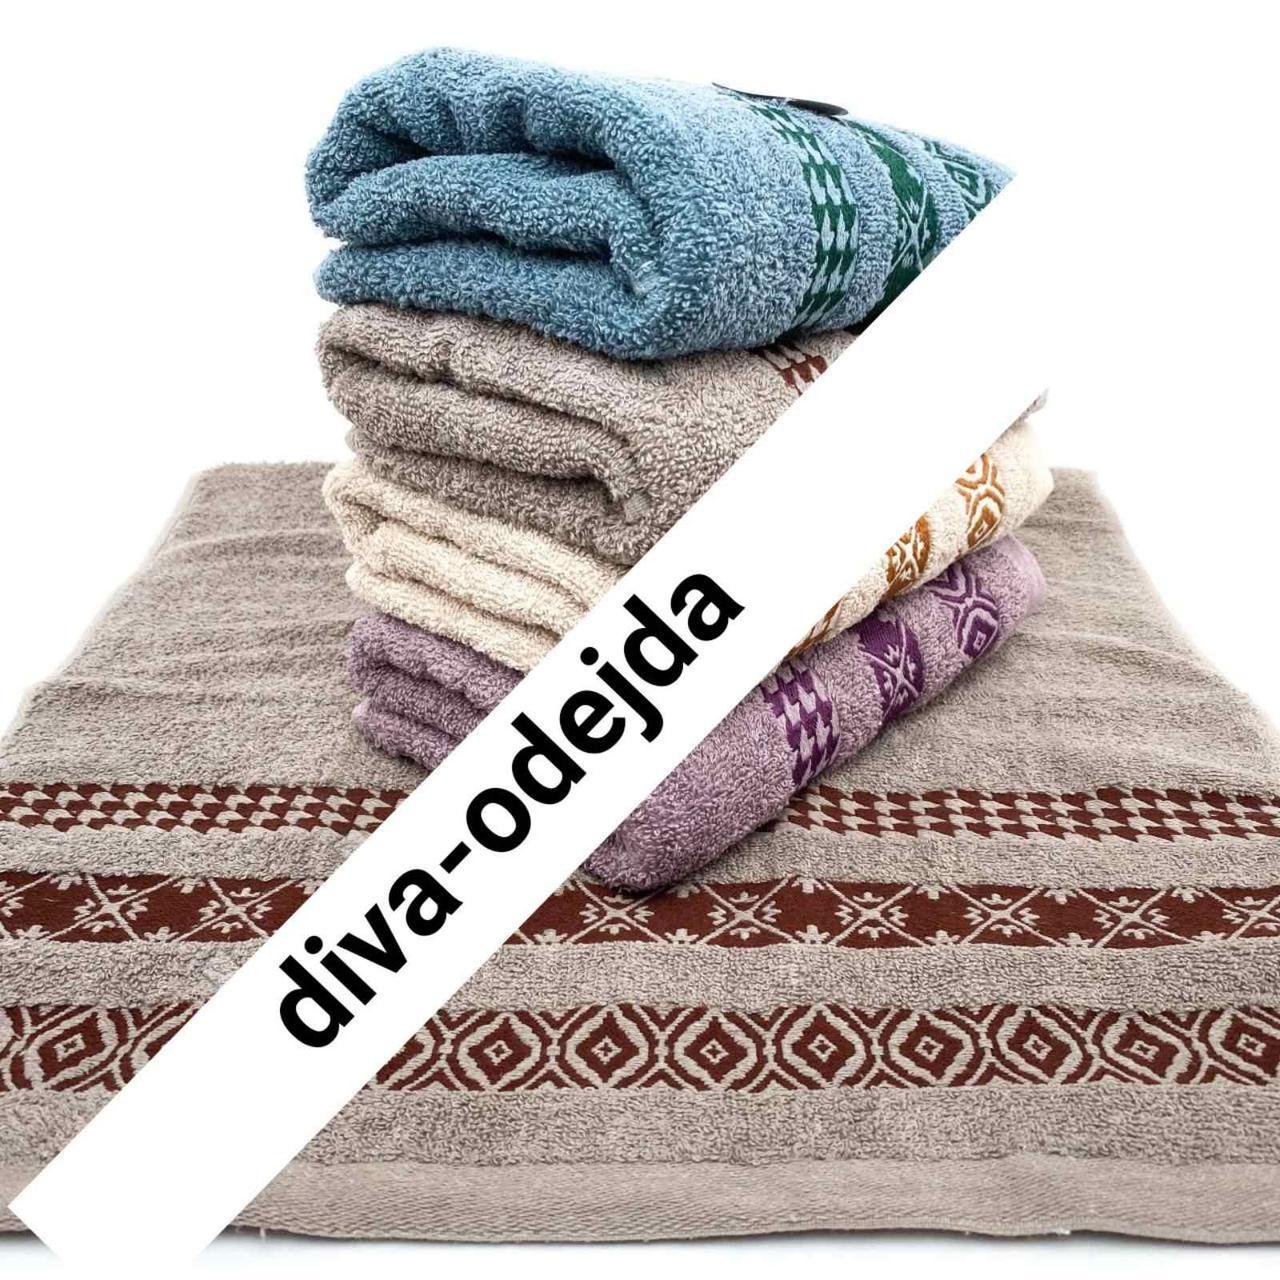 Лицевое полотенце для всей семьи.Размер:1,0 x 0,5